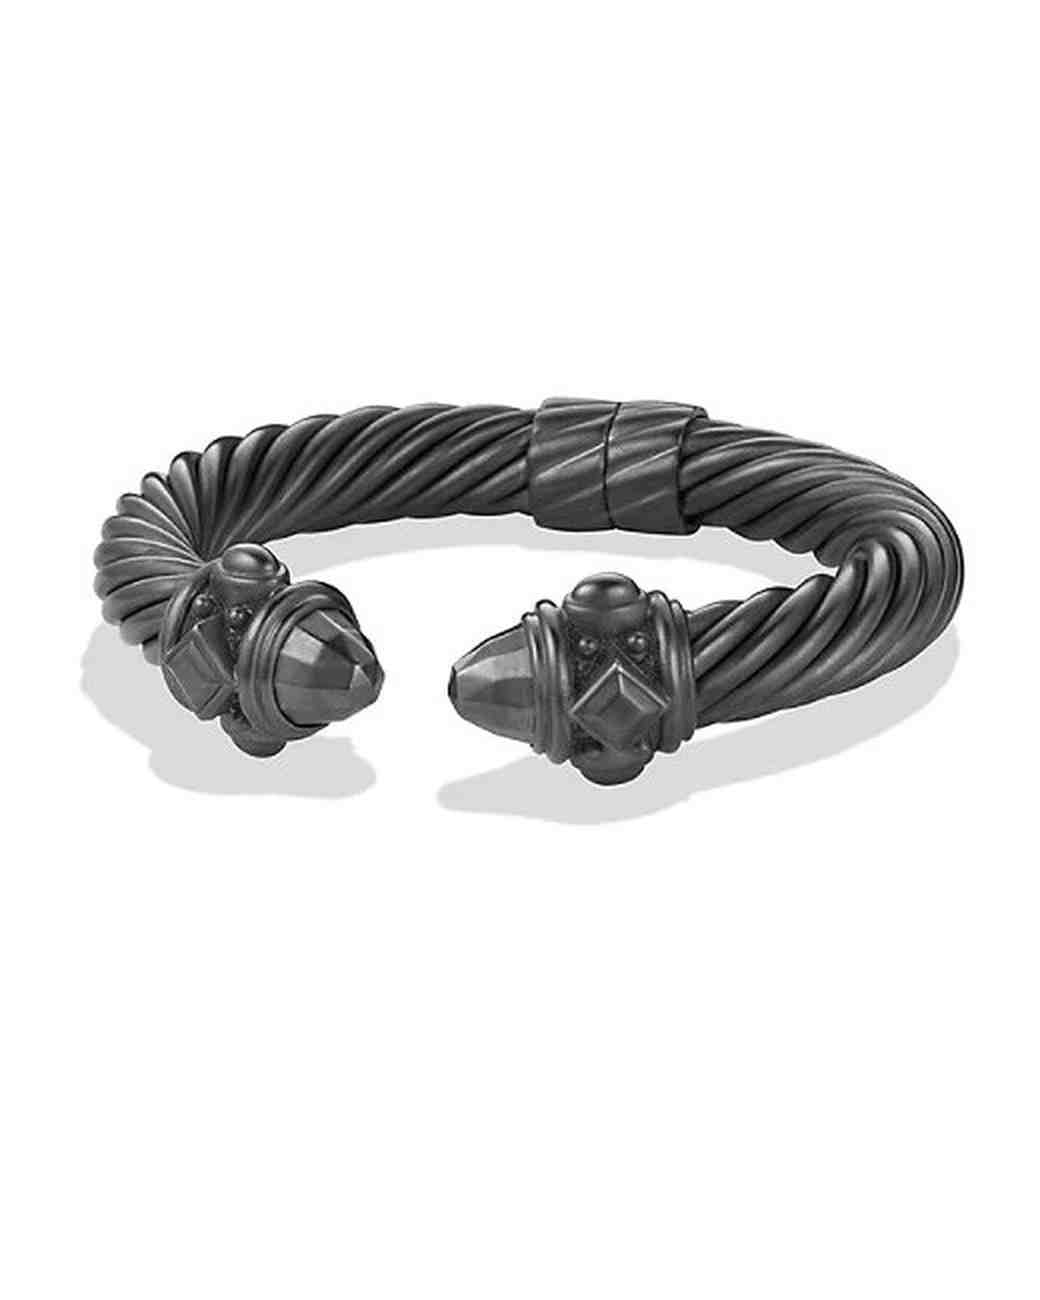 aluminum anniversary gift bracelet